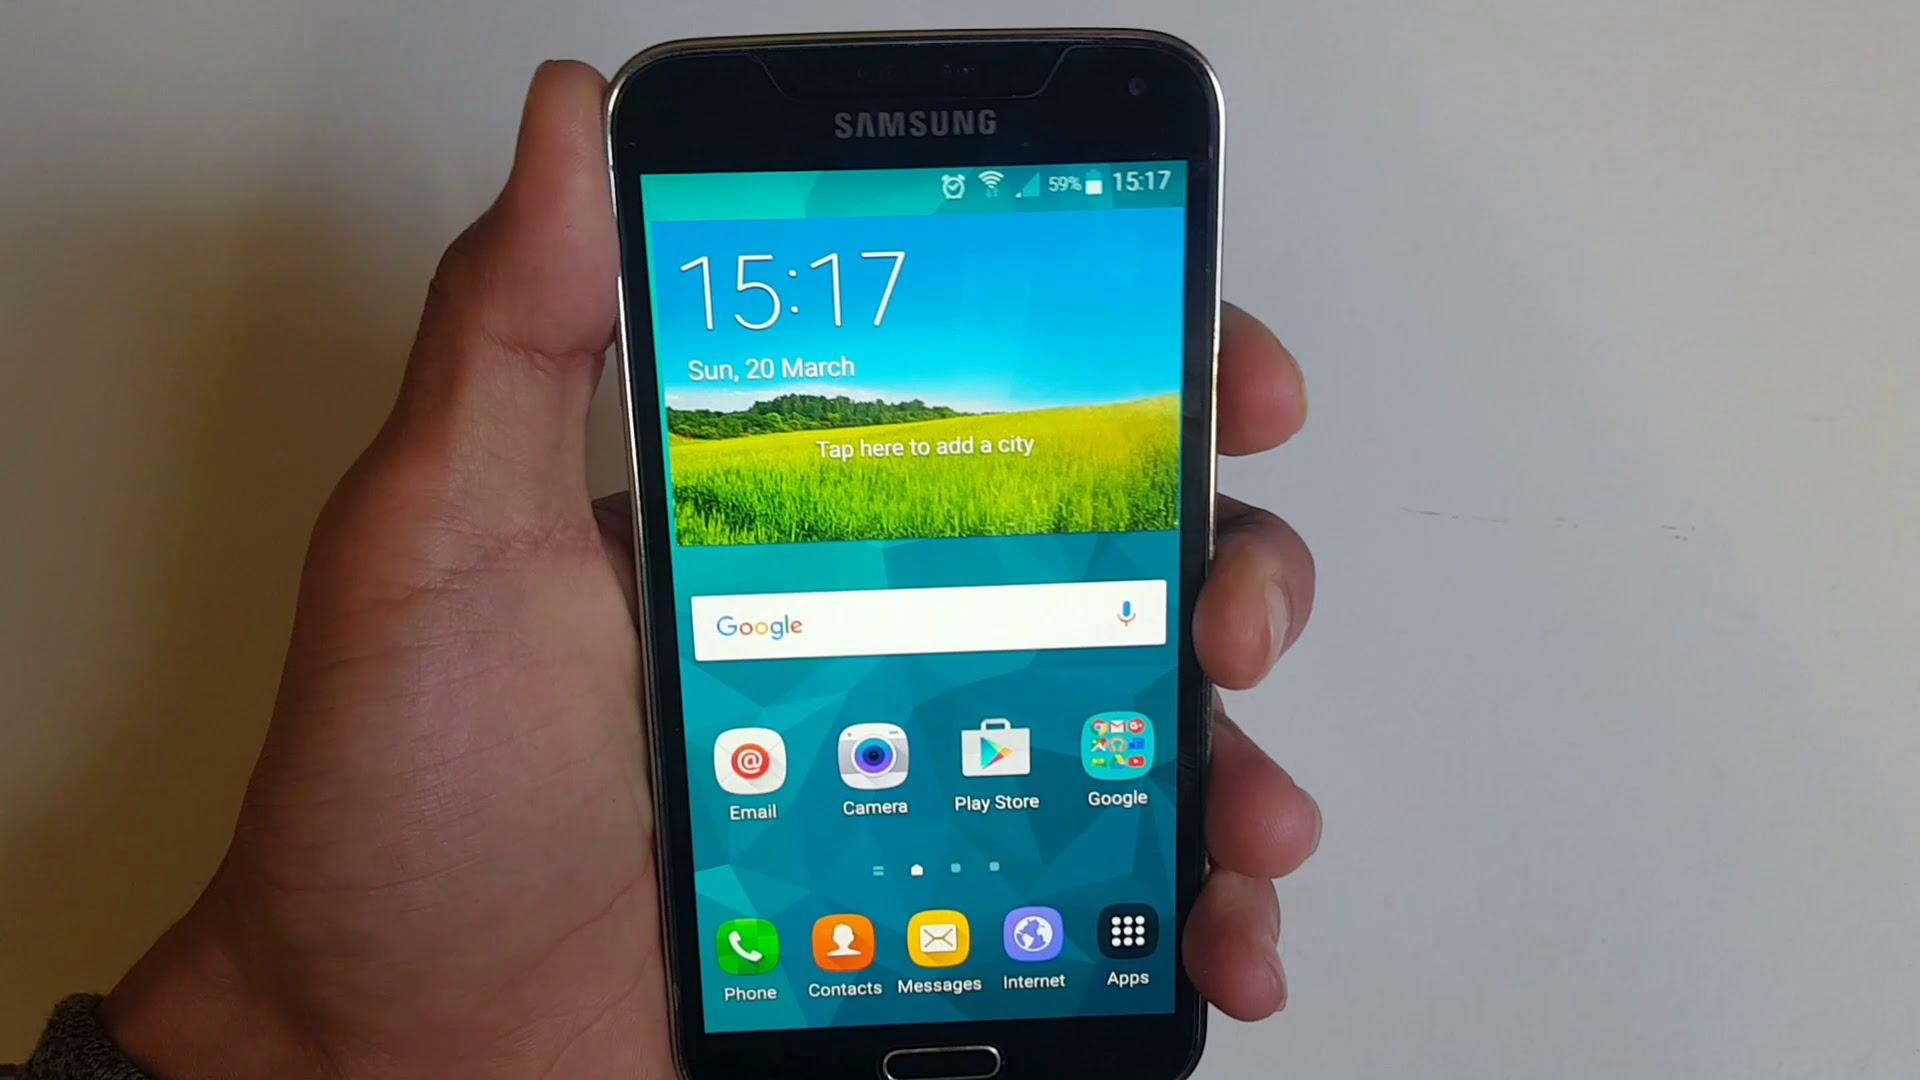 Aggiorna un Samsung Galaxy S5 ad Android 6.0.1 Marshmallow passo dopo passo 1